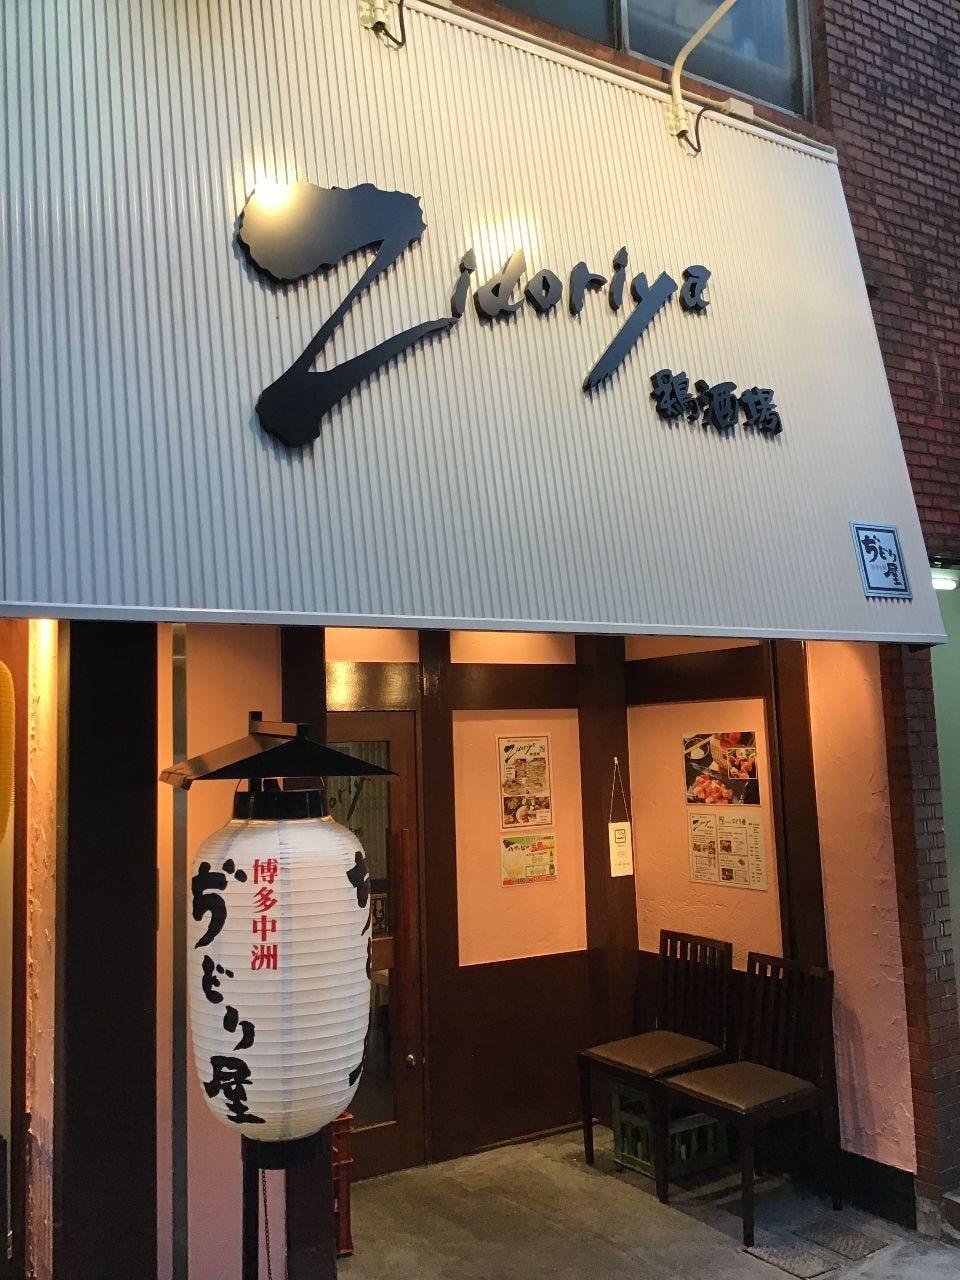 Zidoriya 鶏酒場